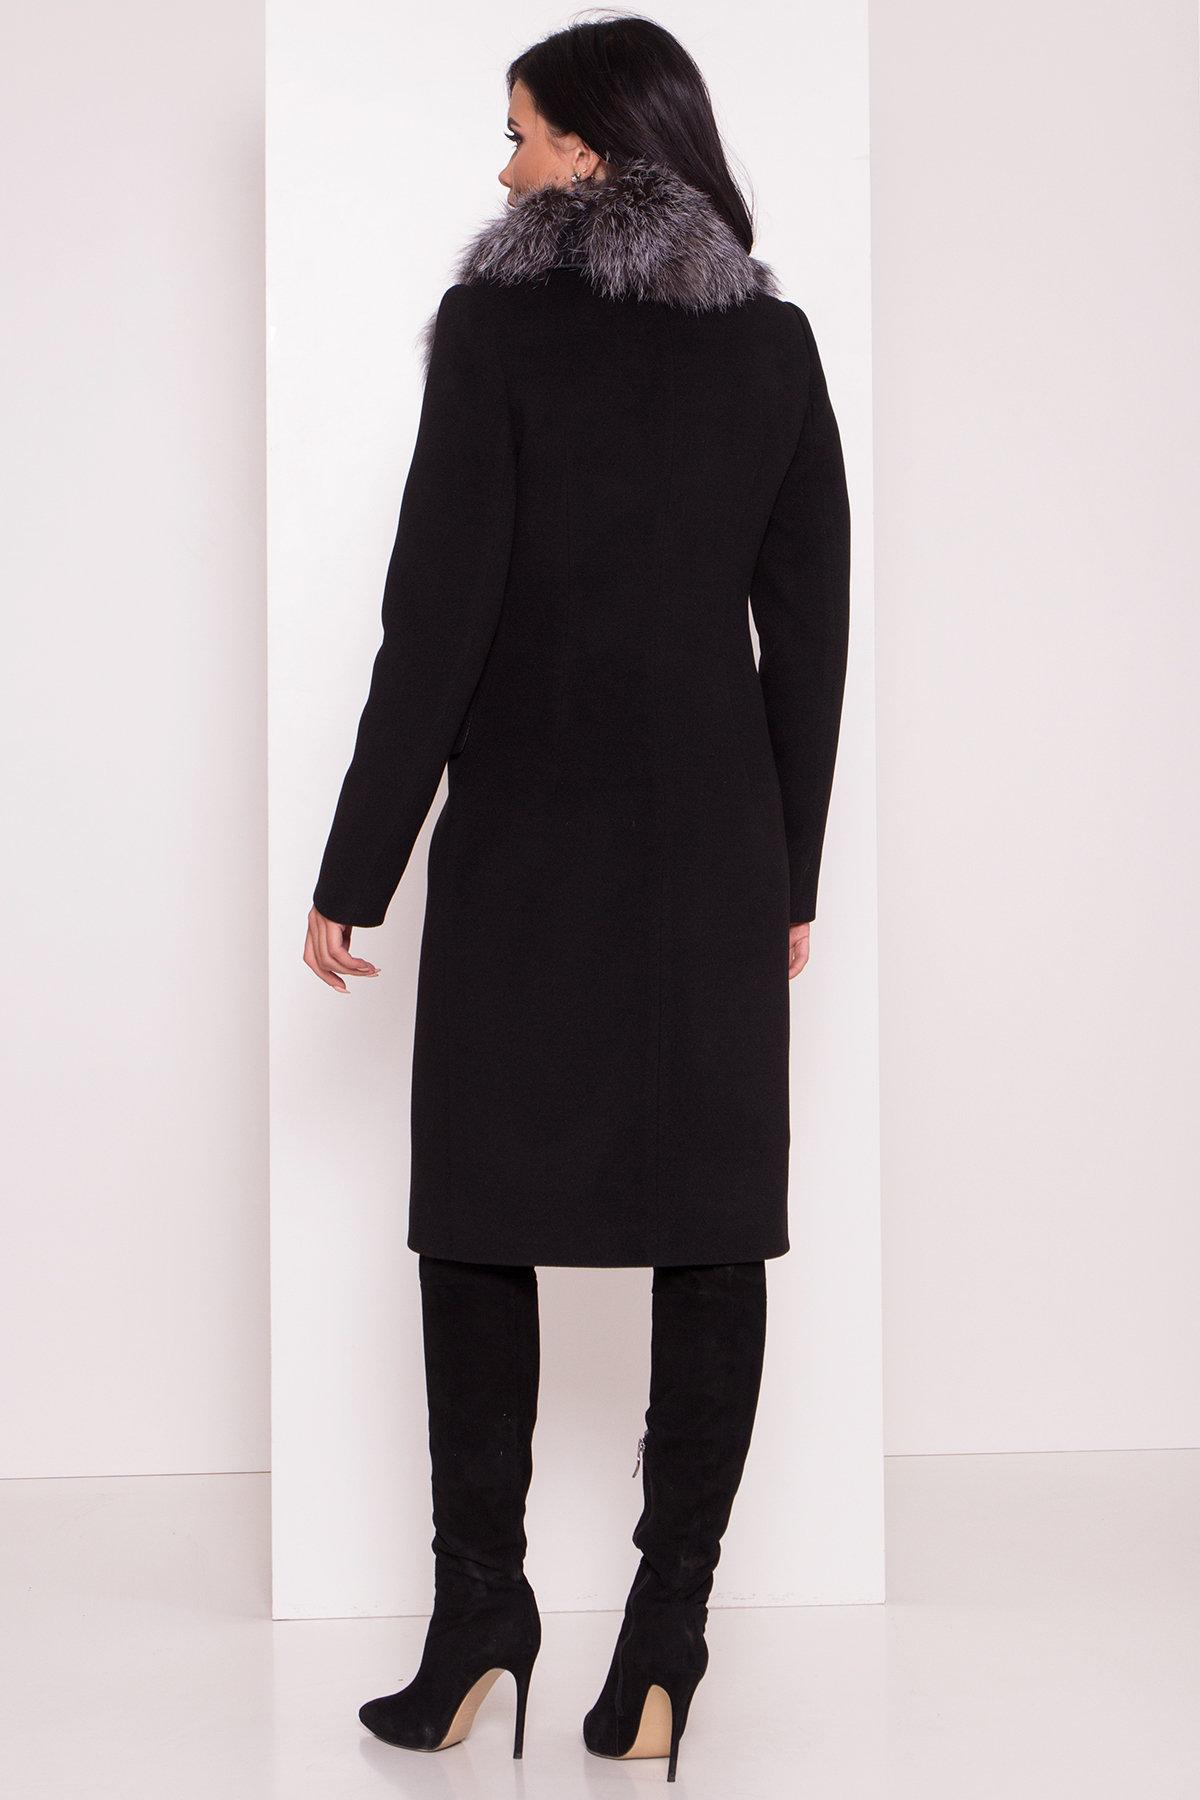 Зимнее пальто с меховым воротником Лабио 8150 АРТ. 44107 Цвет: Черный Н-1 - фото 4, интернет магазин tm-modus.ru